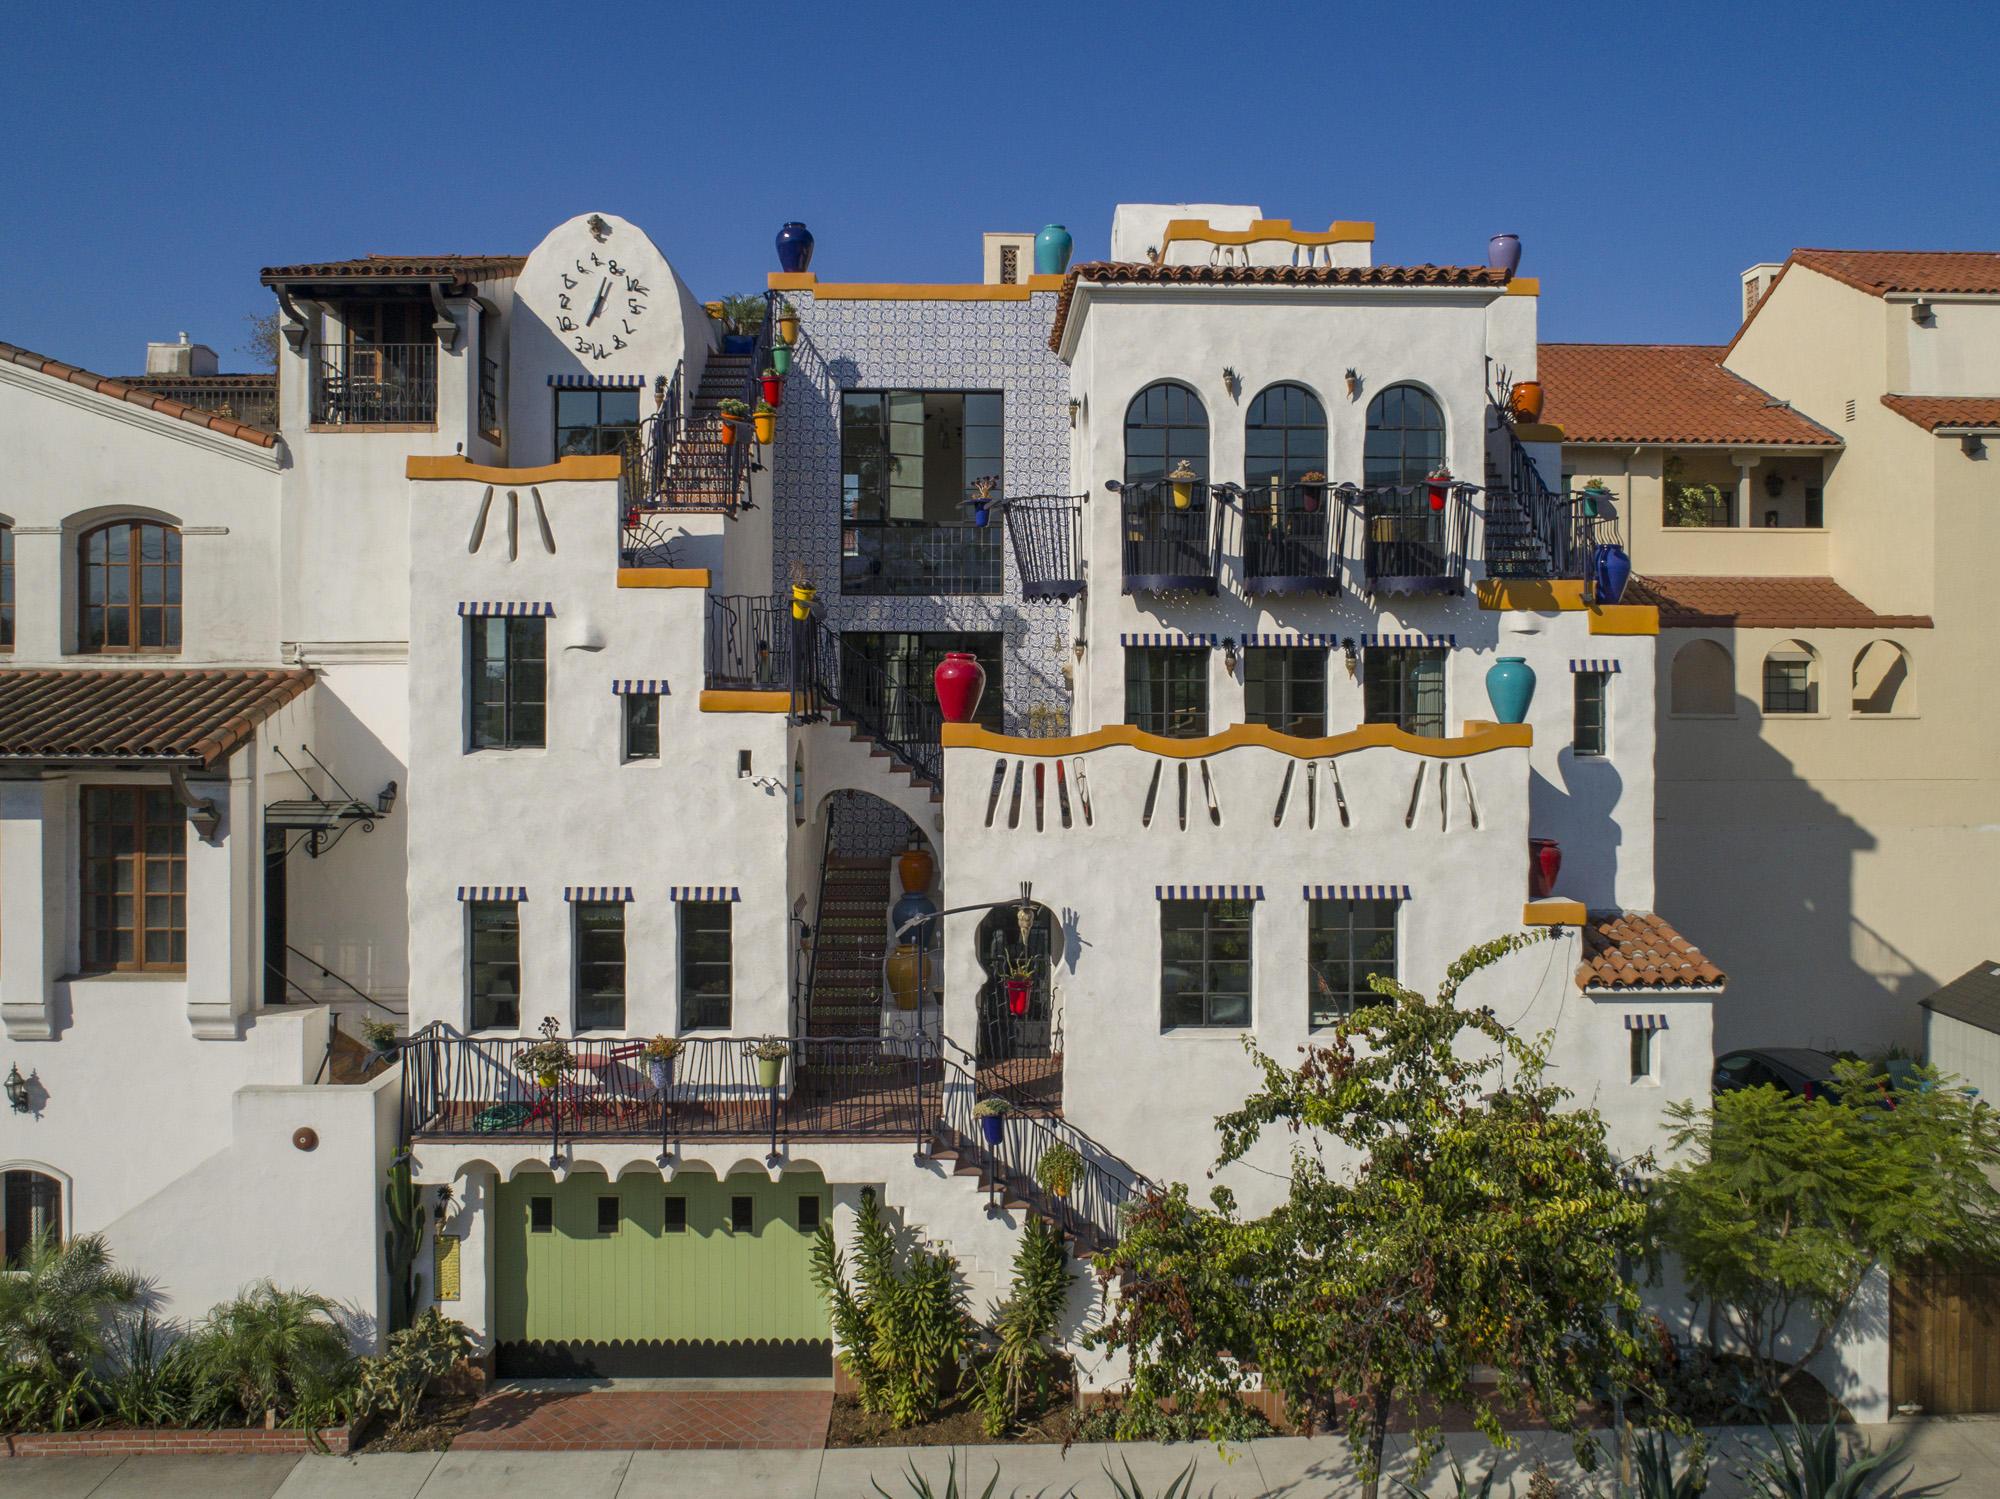 Property photo for 819 Garden St Santa Barbara, California 93101 - 17-2033